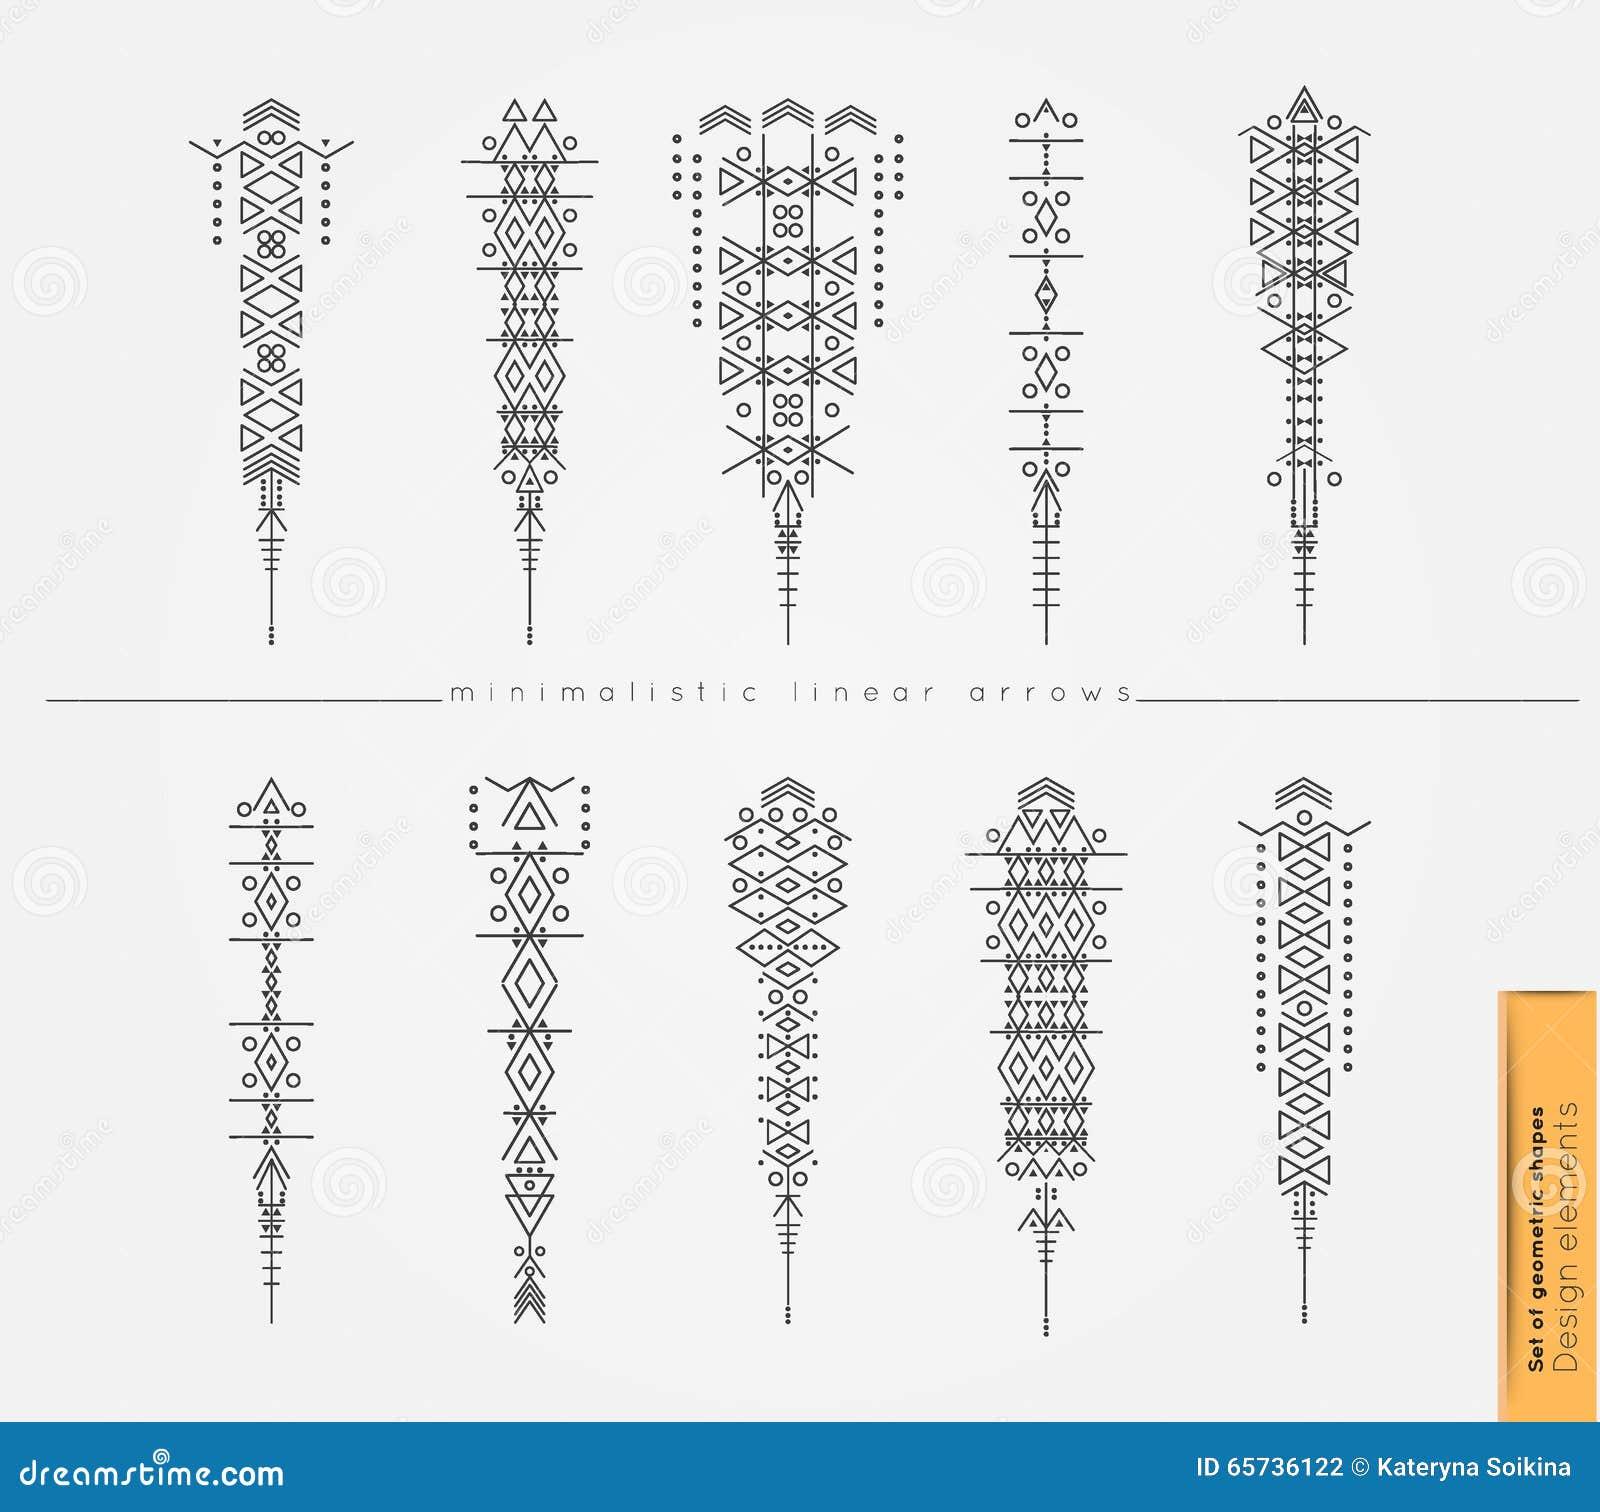 Les Fleches Decoratives De Boho Ethnique Ont Place Dans Le Style De